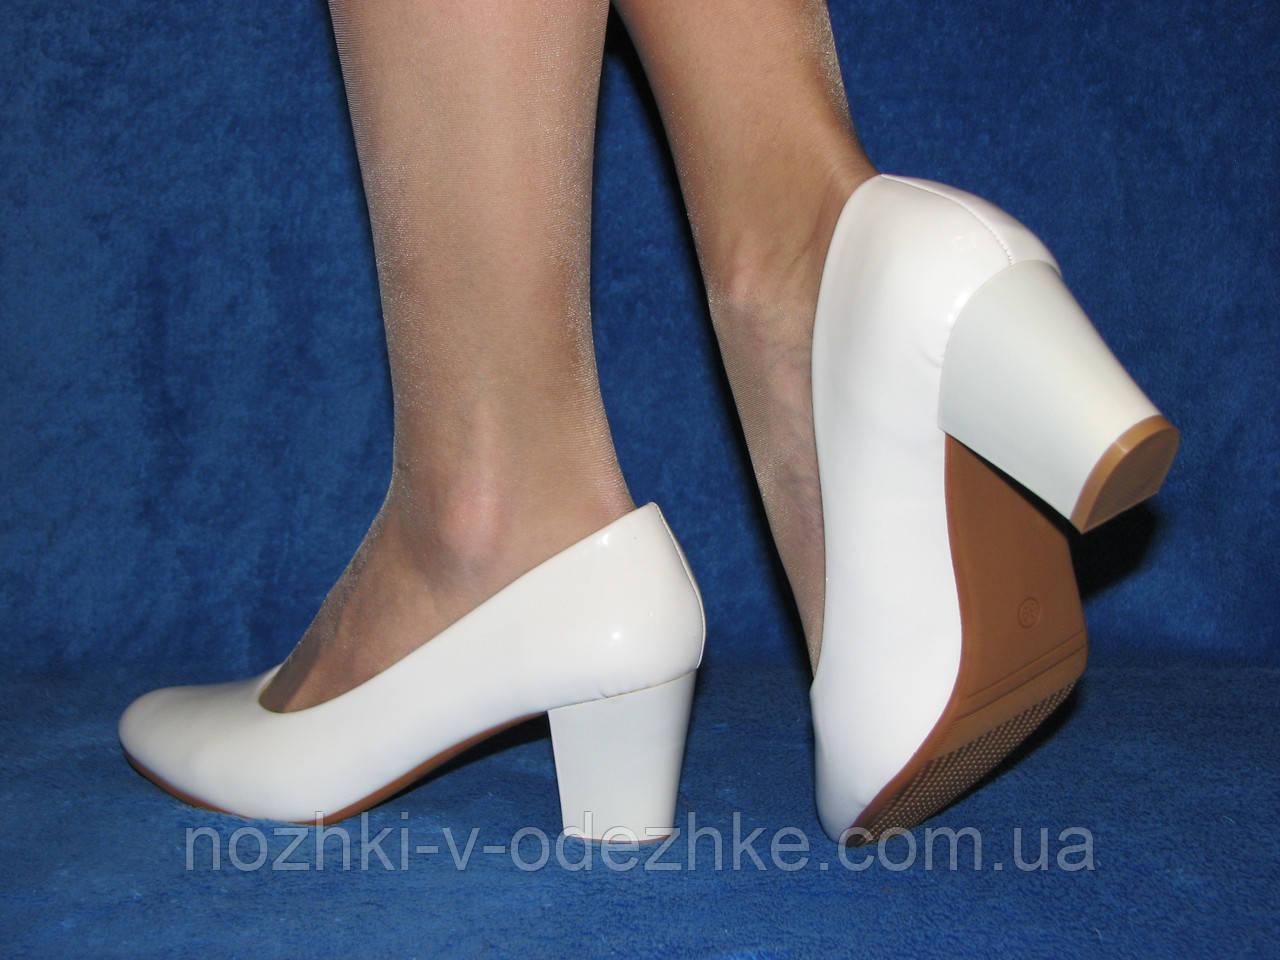 b3eb7ec61de7 Белые лаковые туфли на маленьком каблуке белого цвета 37- 23,5 см ...